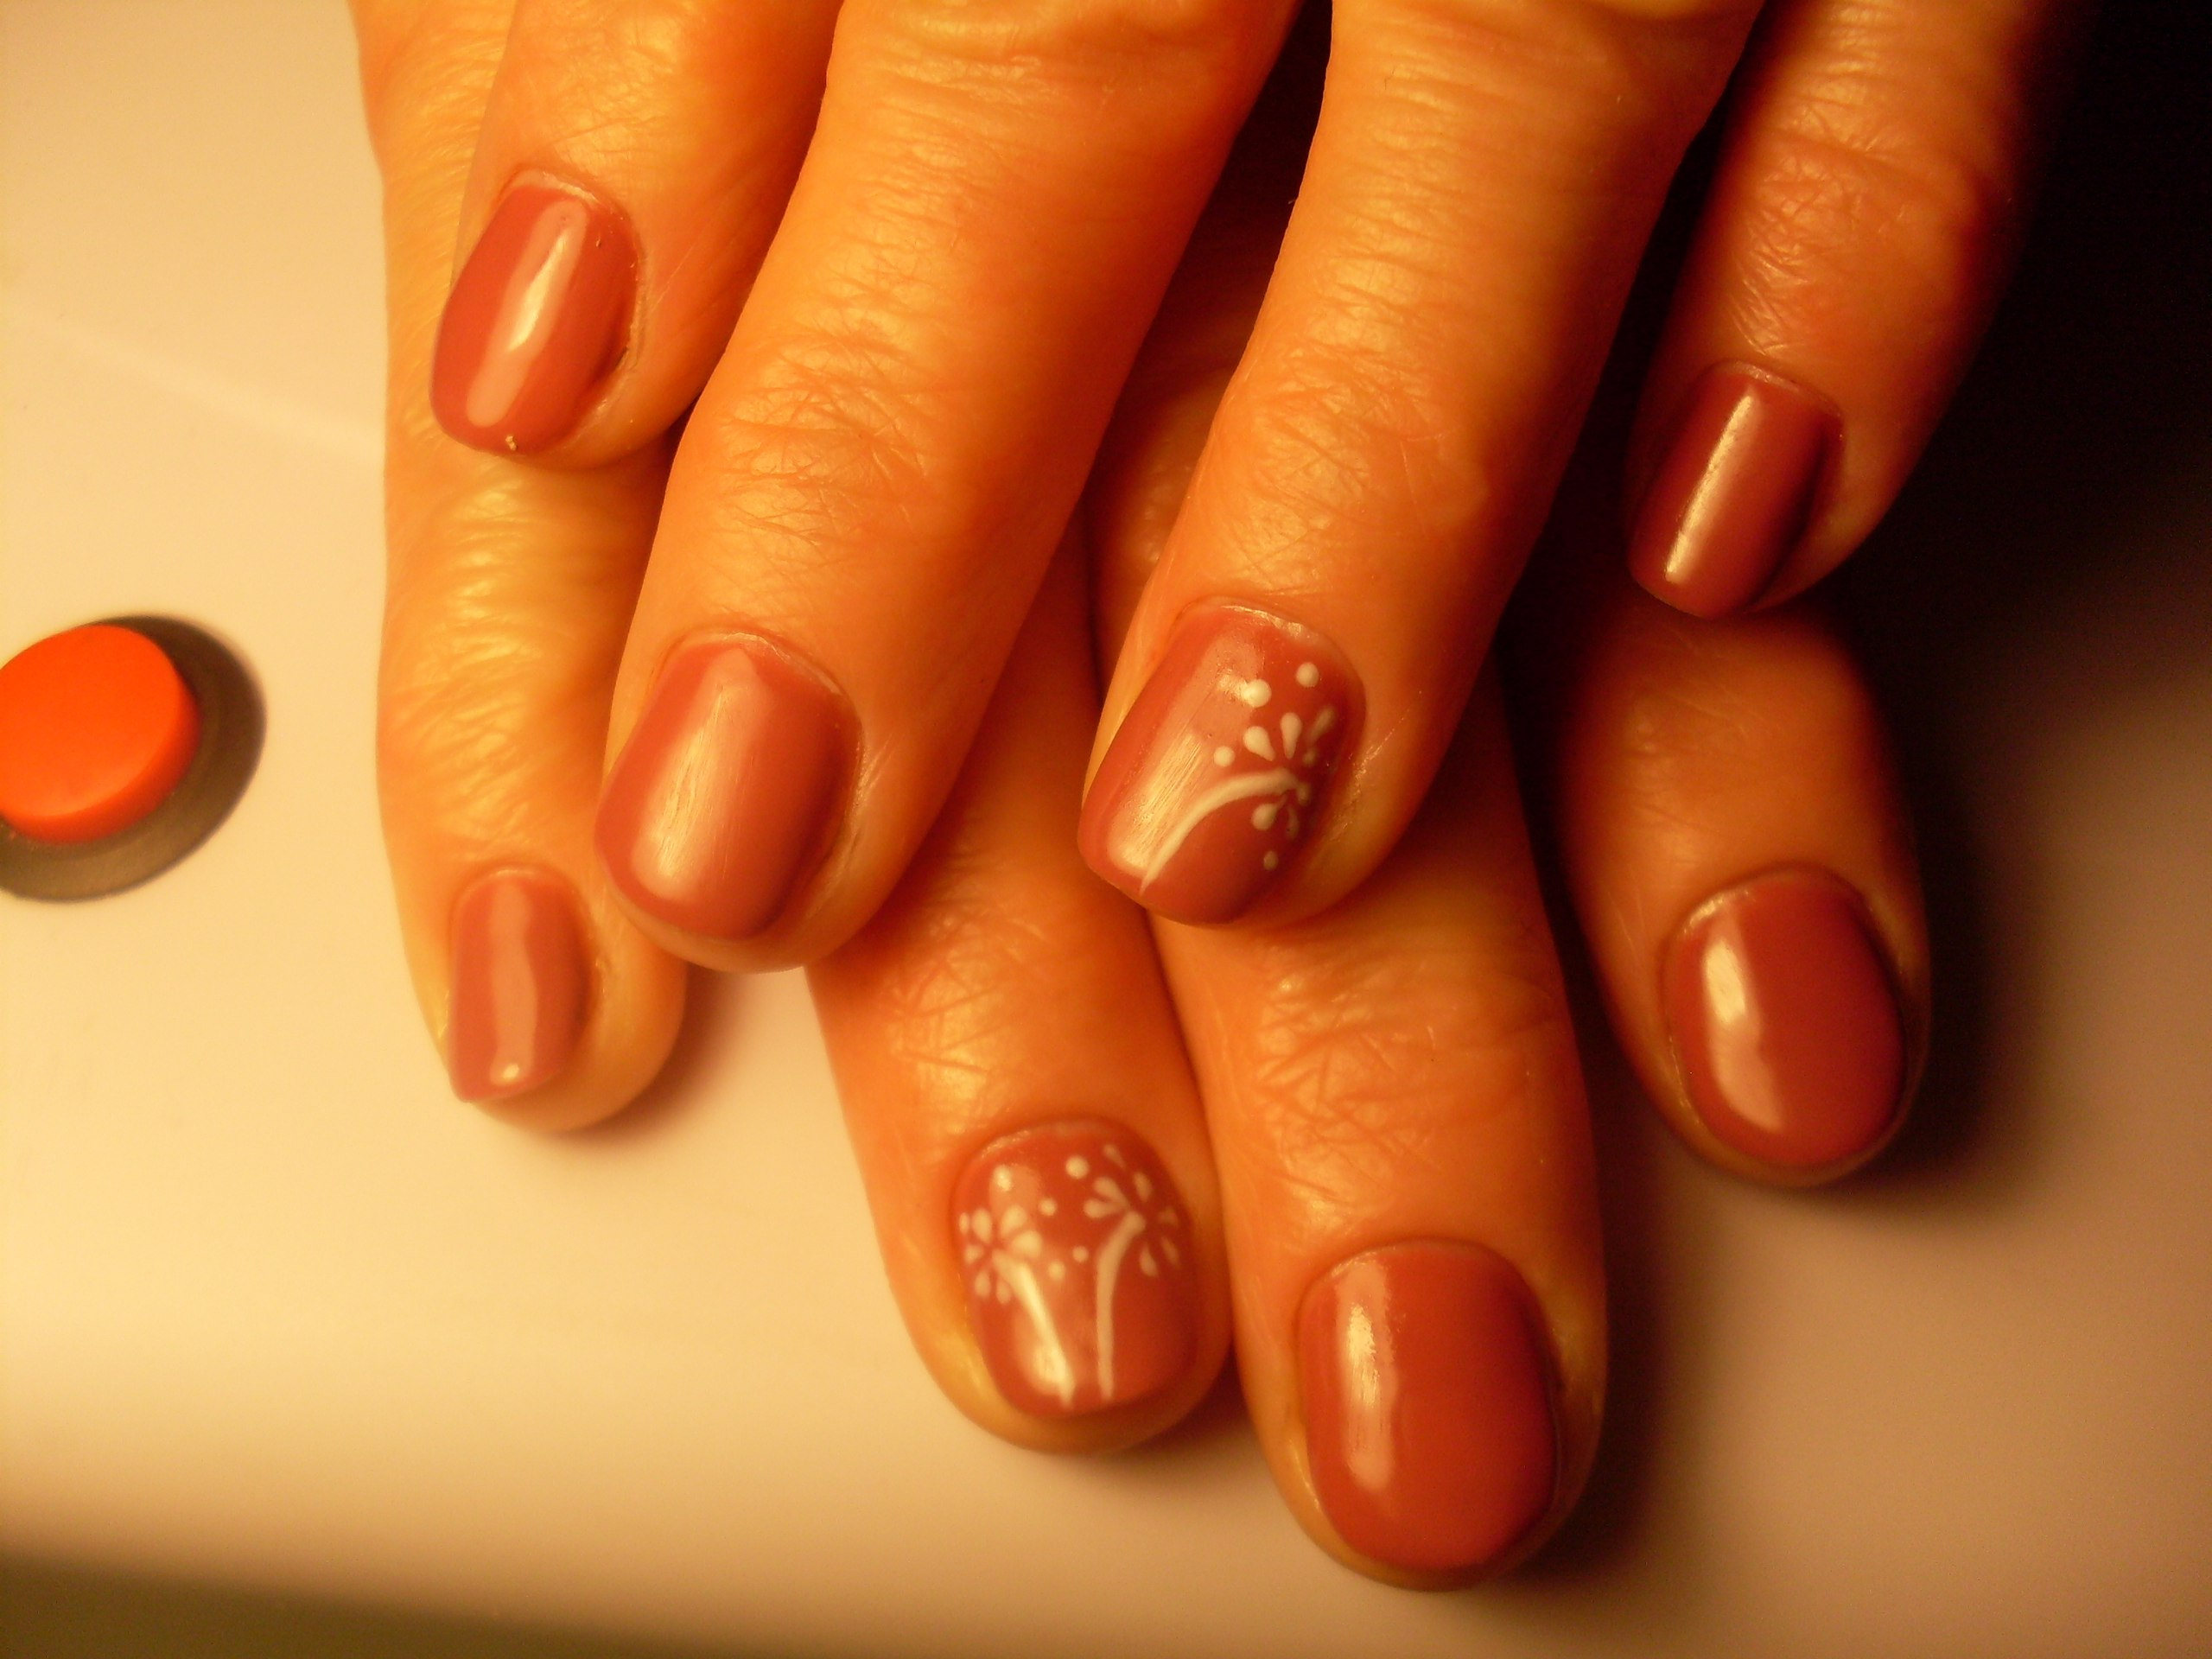 Маникюр с рисунком в коричневом цвете на короткие ногти.